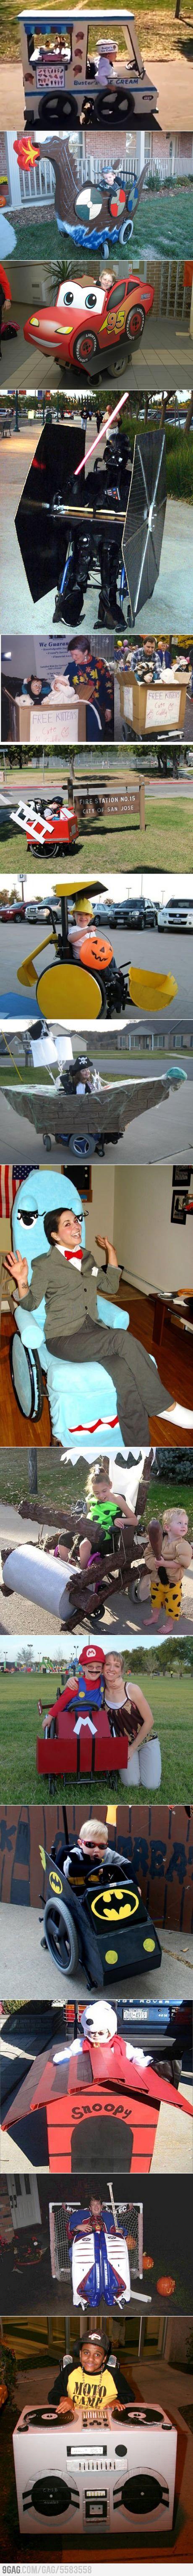 wheel chair costumes...so cute!